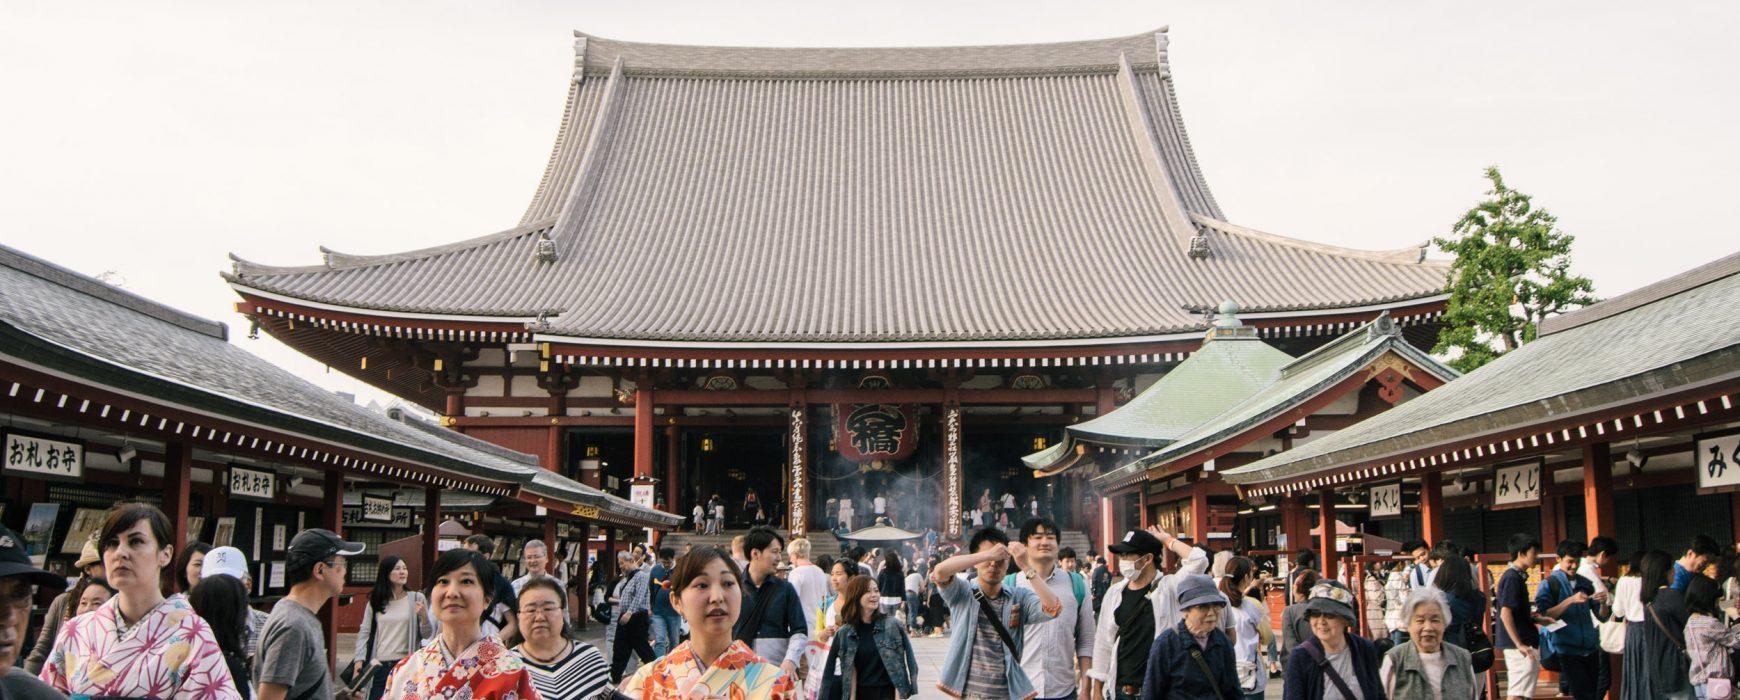 佛教与商业丶市场与功德:古今佛教与经济的互动